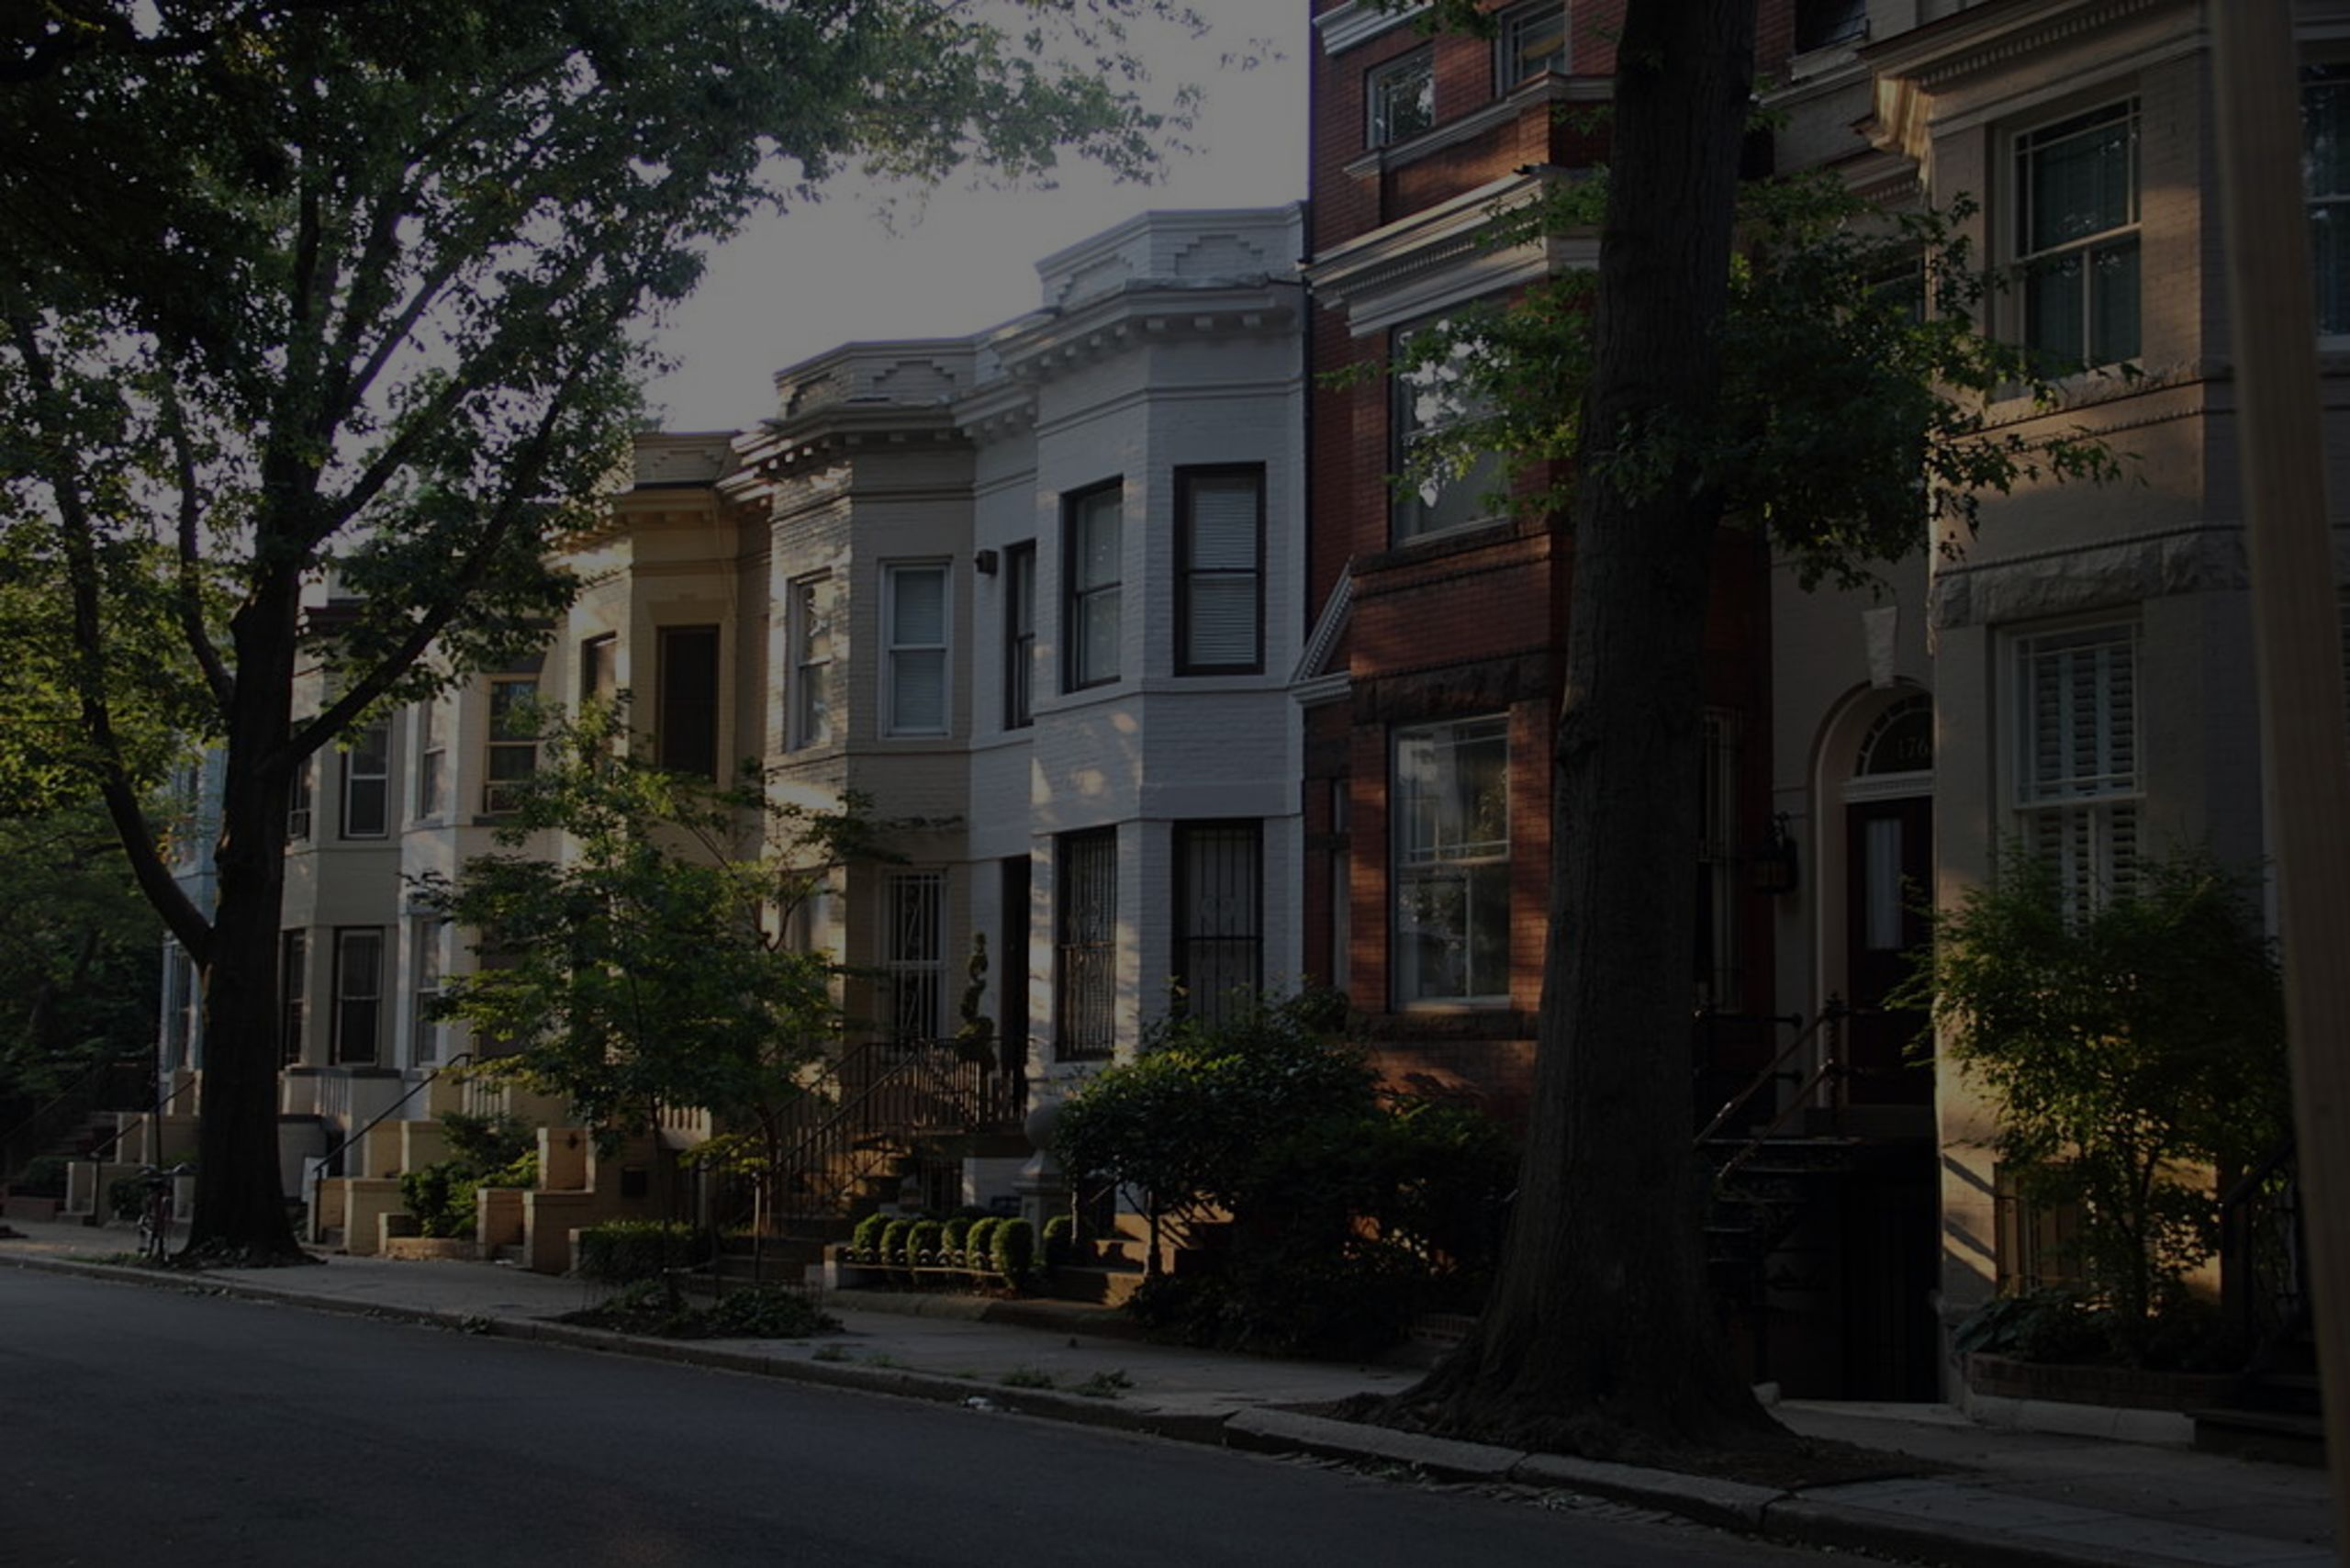 Dupont Circle Row Homes